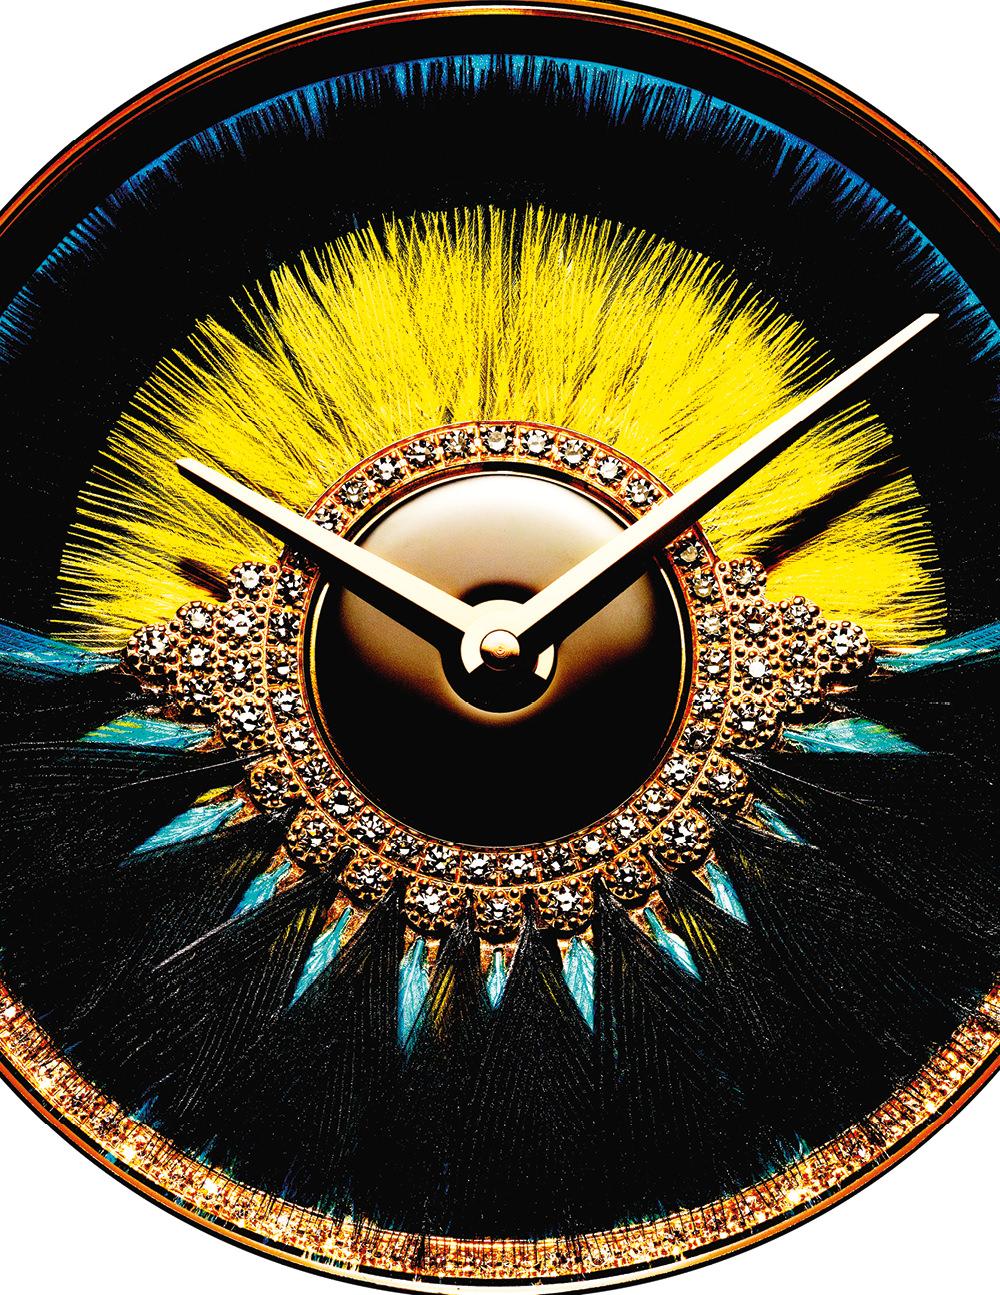 """Montre """"Dior VIII Grand Bal 'Cancan'"""" en or rose, diamants céramique high-tech noire, marqueterie de plumes noires et jaunes, DIOR HORLOGERIE"""